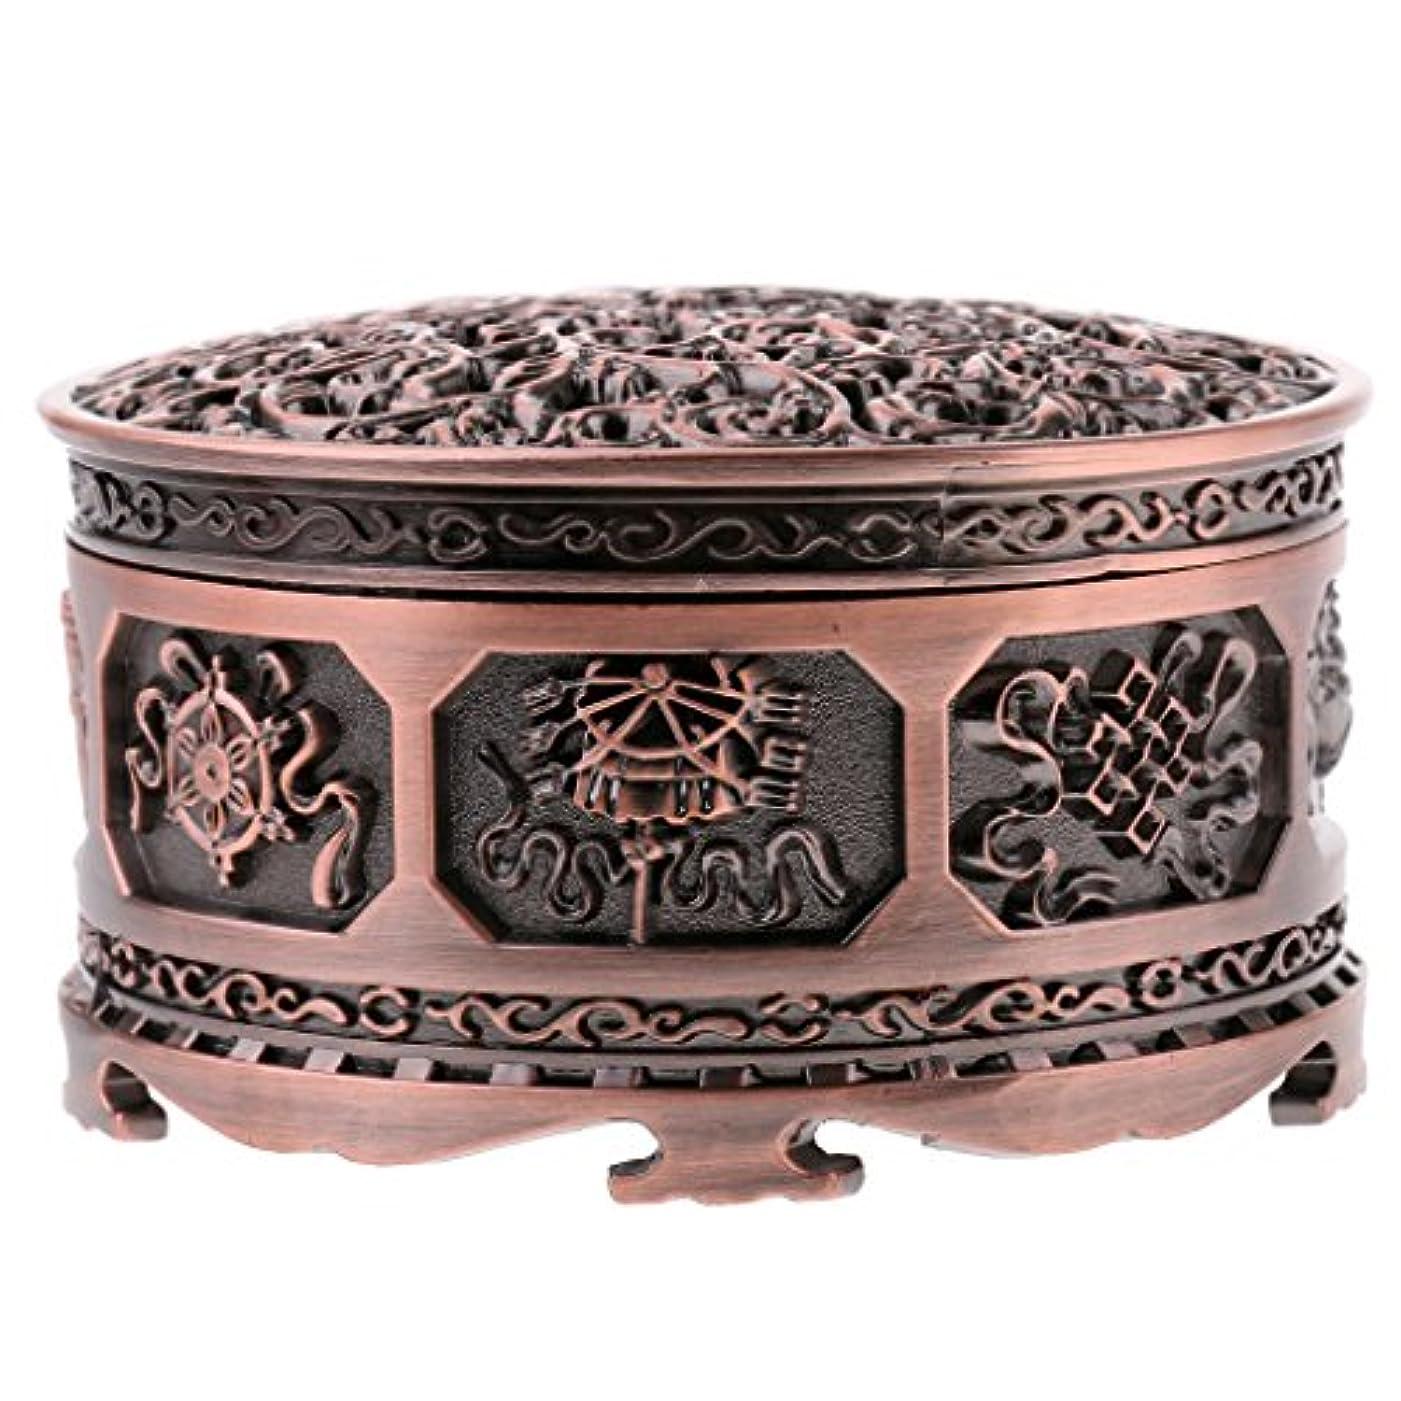 不幸オリエントスモッグFenteer チベット 合金 香りバーナー 煙 コーン 香炉 金属 アロマストーブ ホーム 装飾 全3色 - 浓いかっしょく